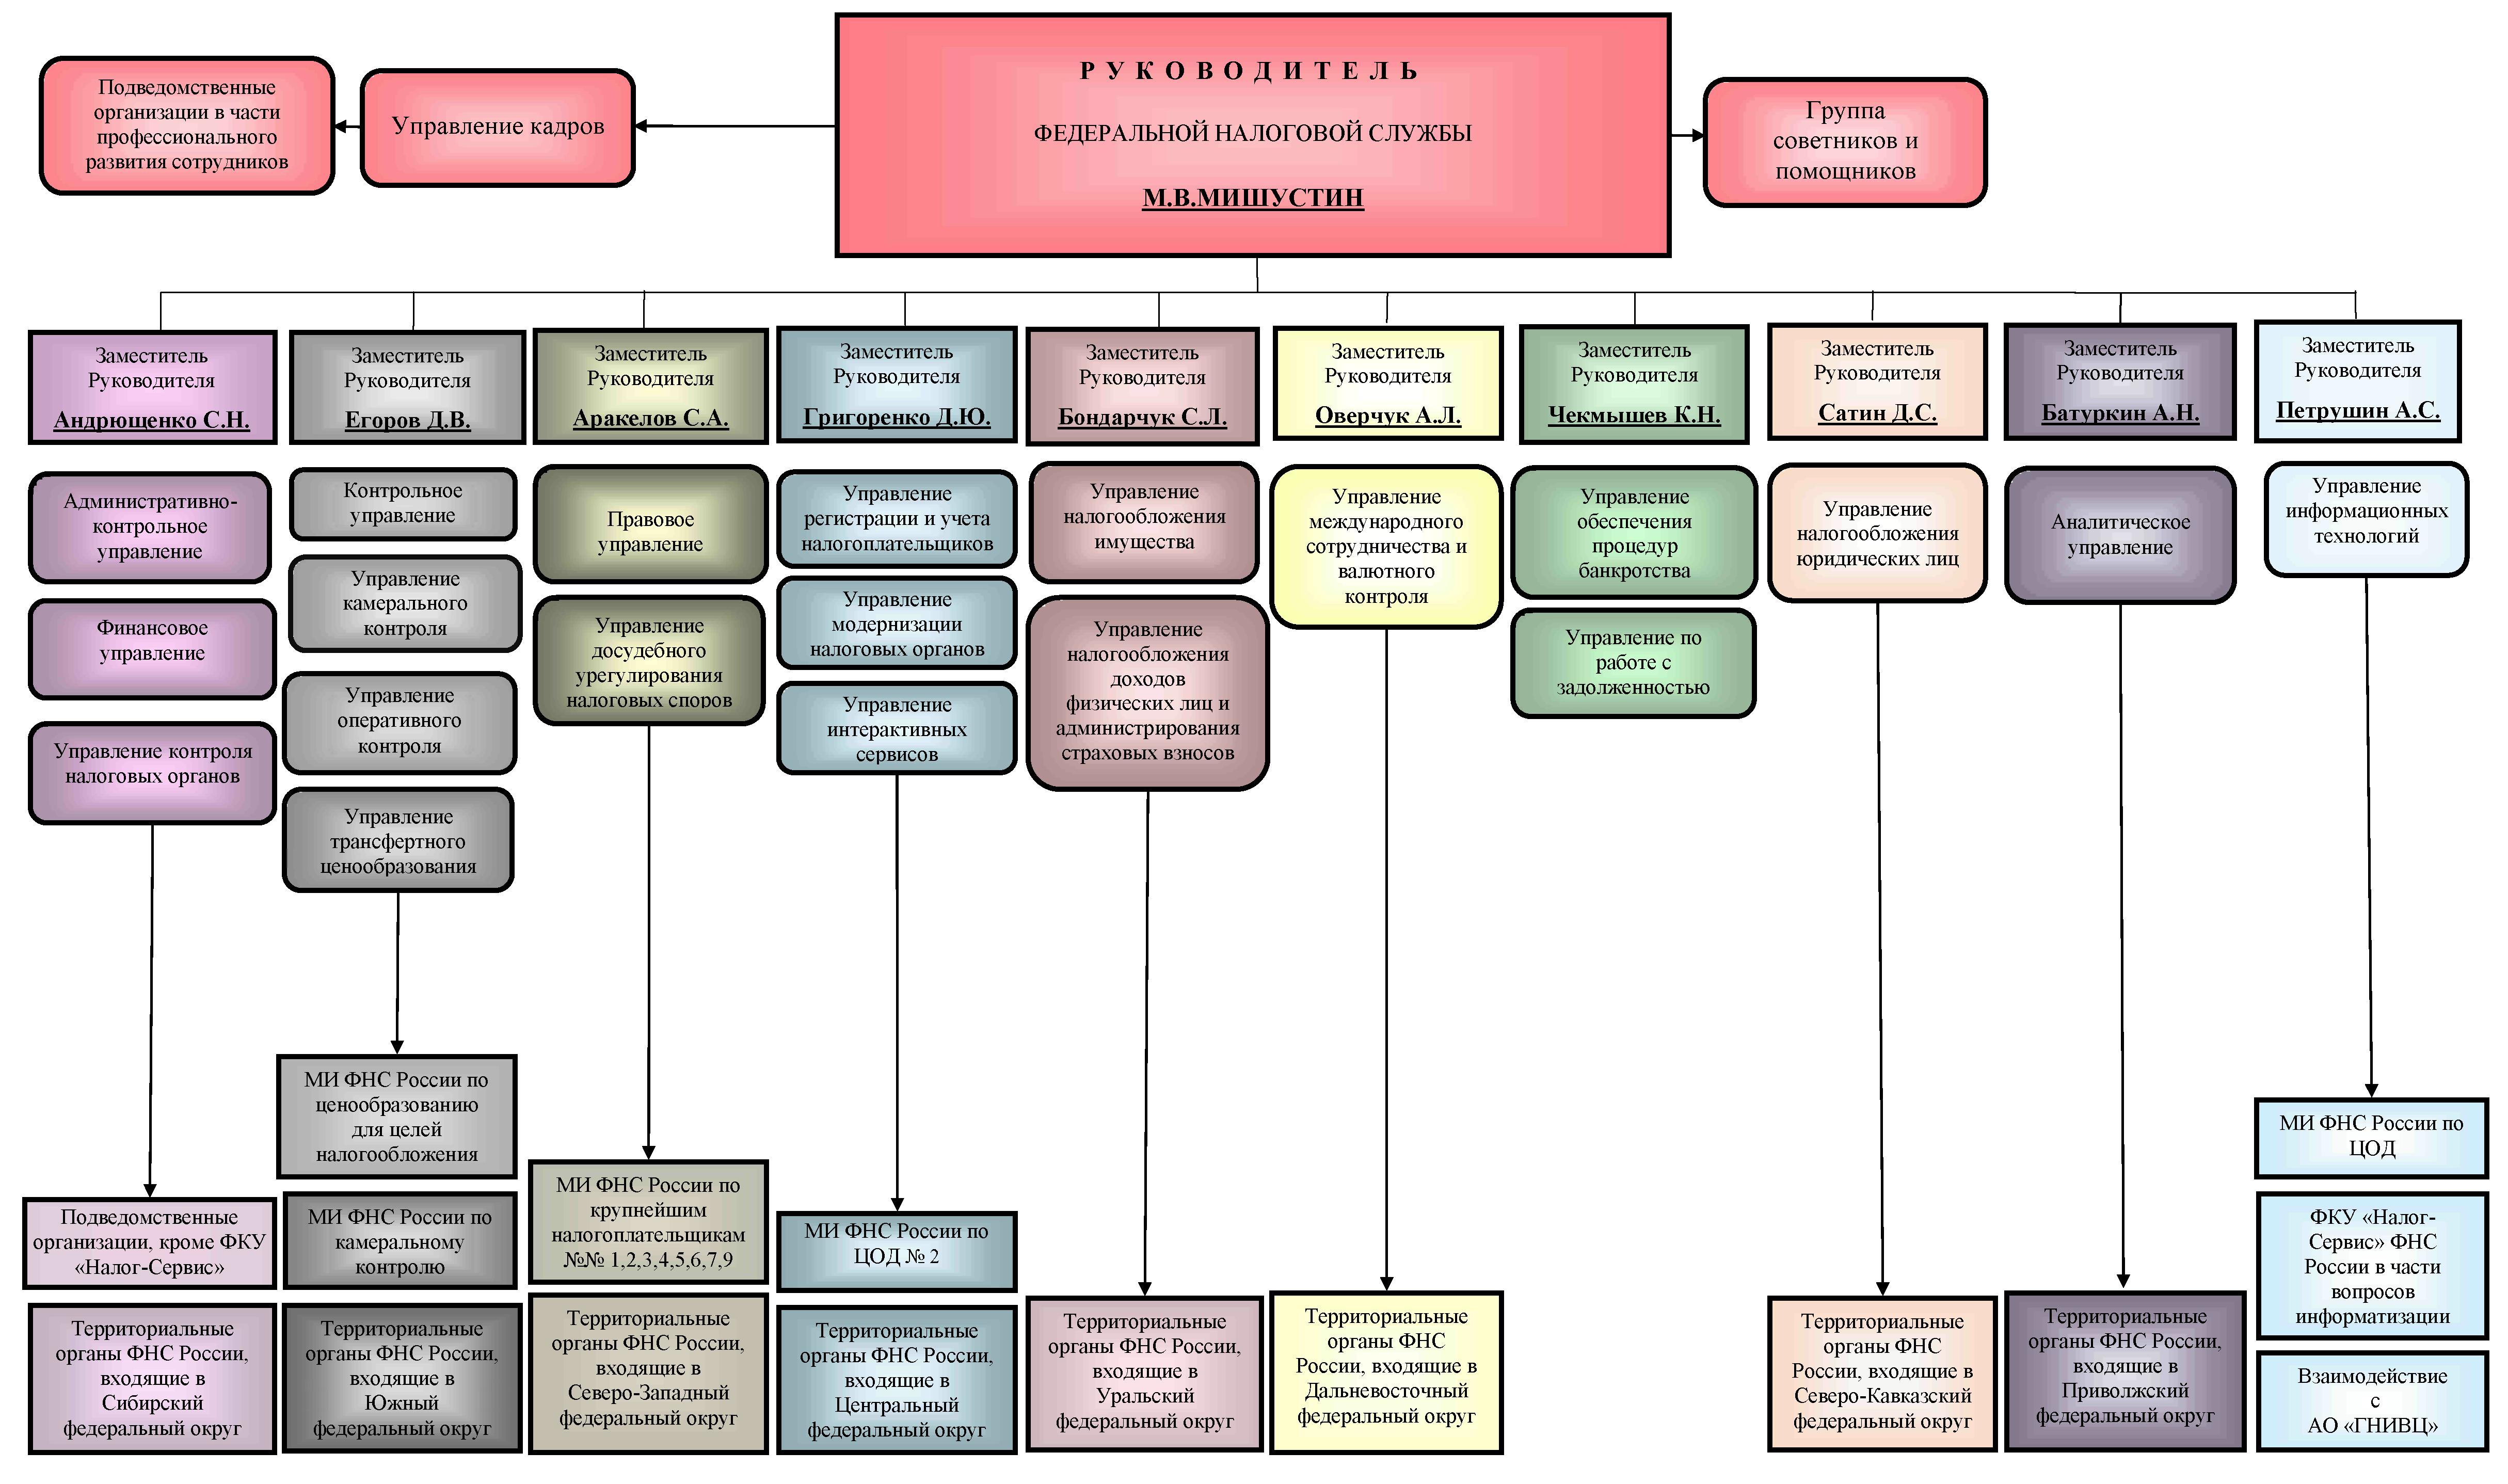 Организация работы налоговых органов с налогоплательщиками